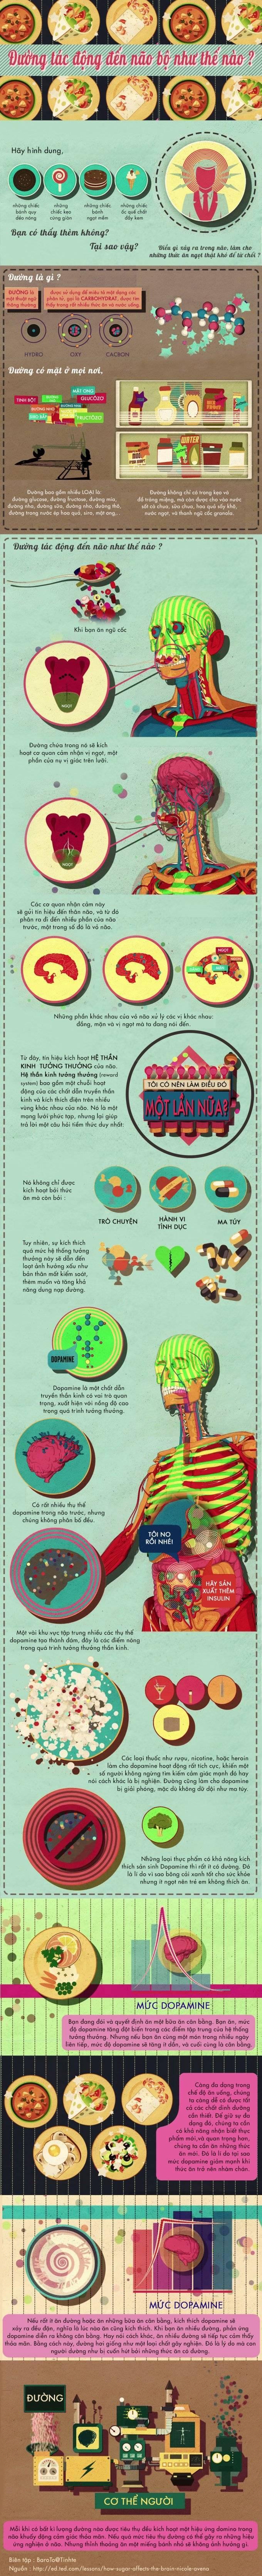 Đường tác động đến não bộ như thế nào? ảnh 0